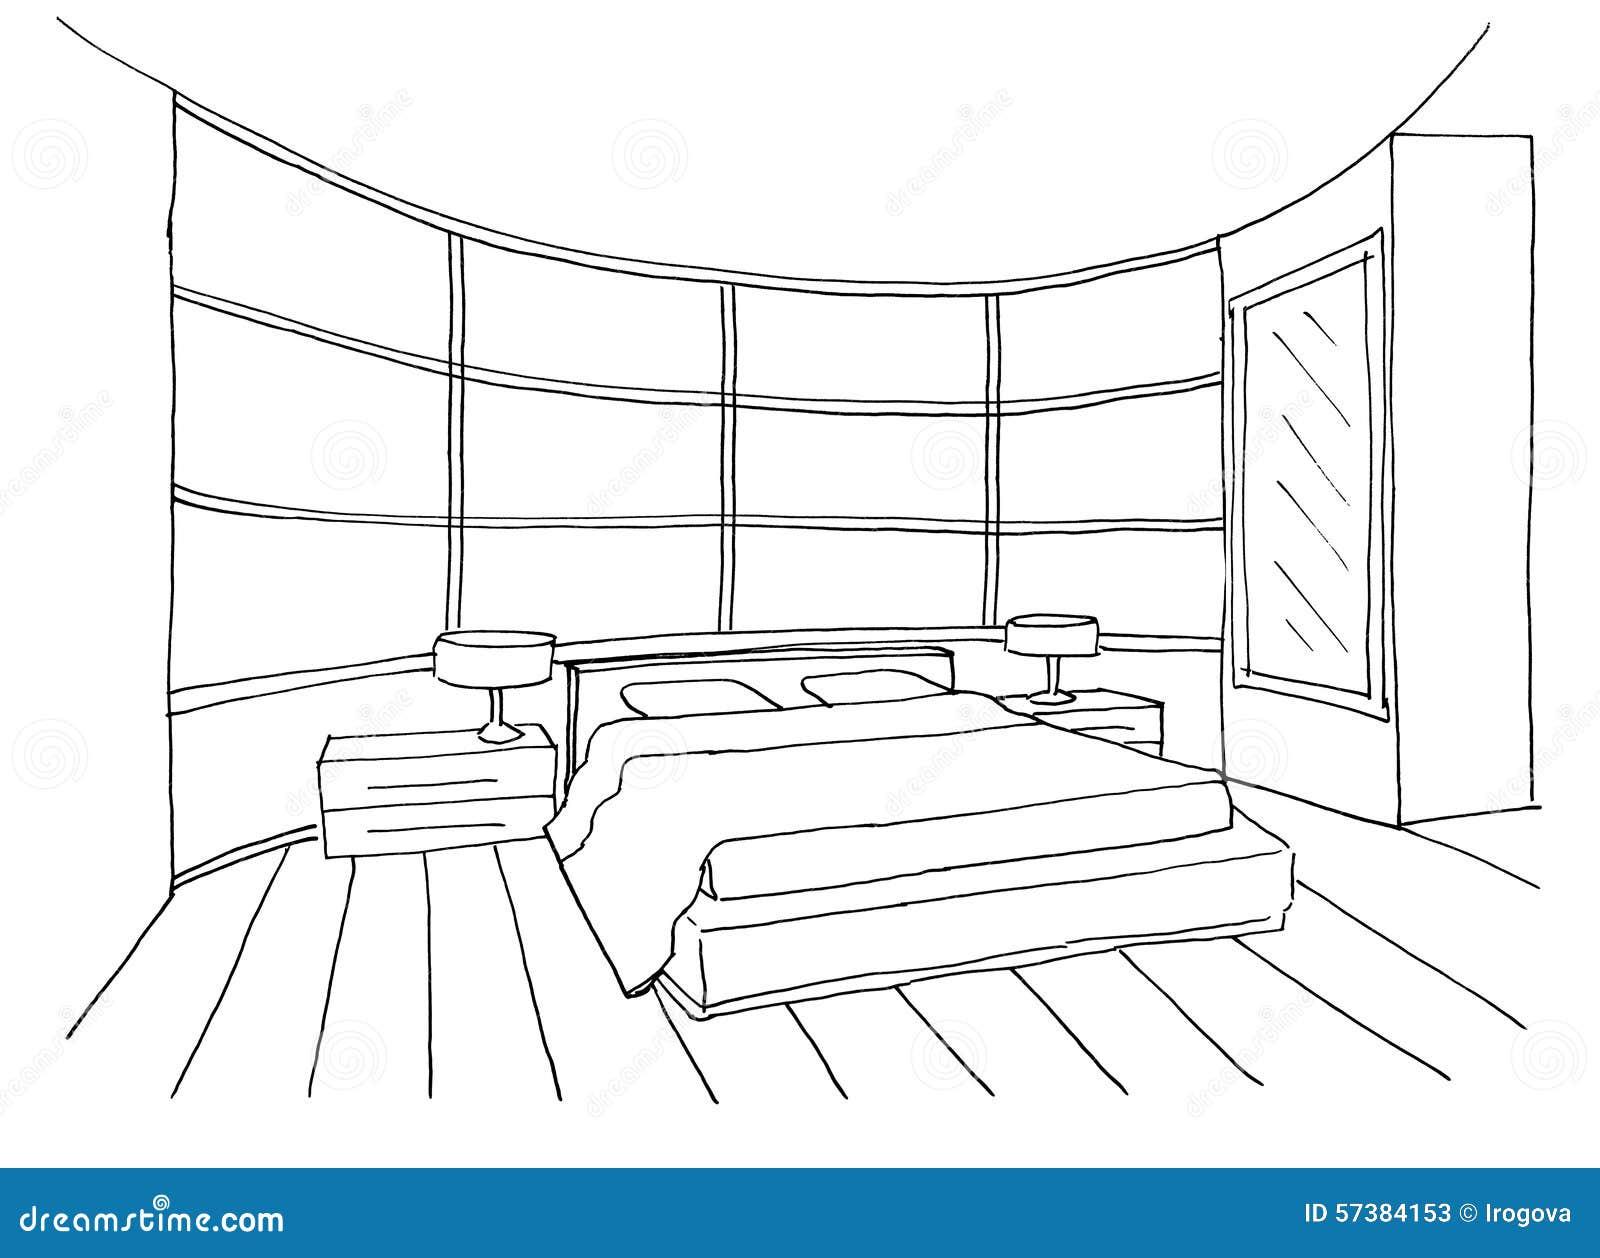 Croquis d 39 une chambre coucher int rieure illustration for Croquis d une maison